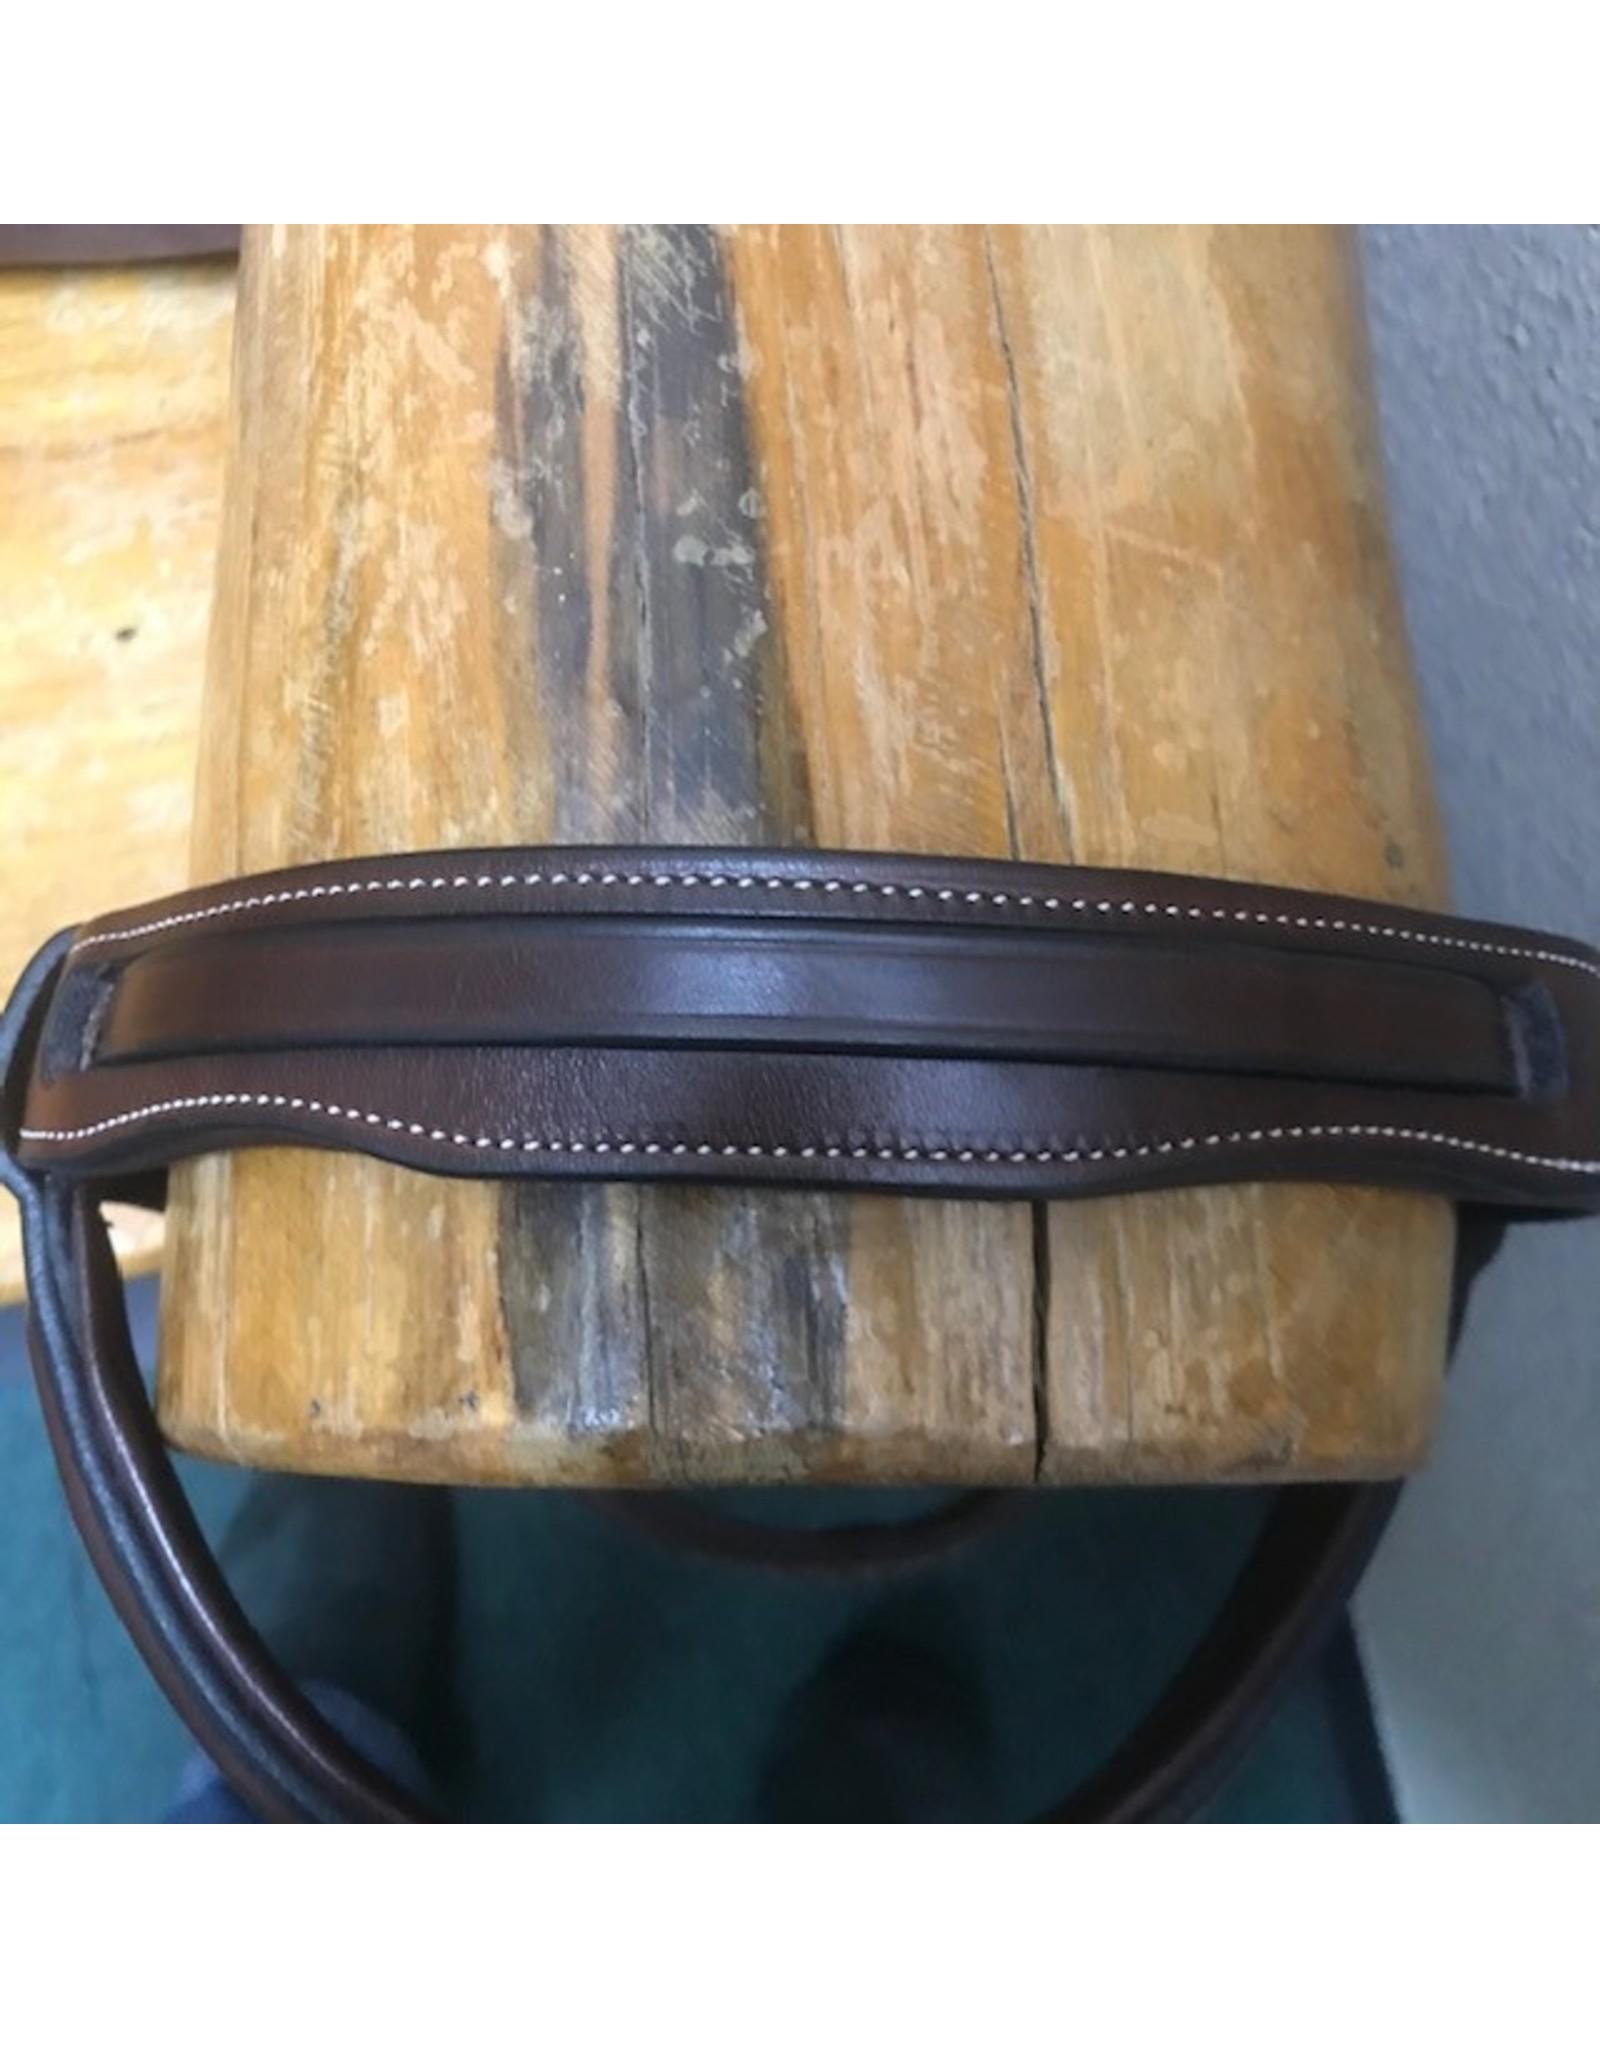 Nunn Finer fancy stitched Pony bridel w/flash